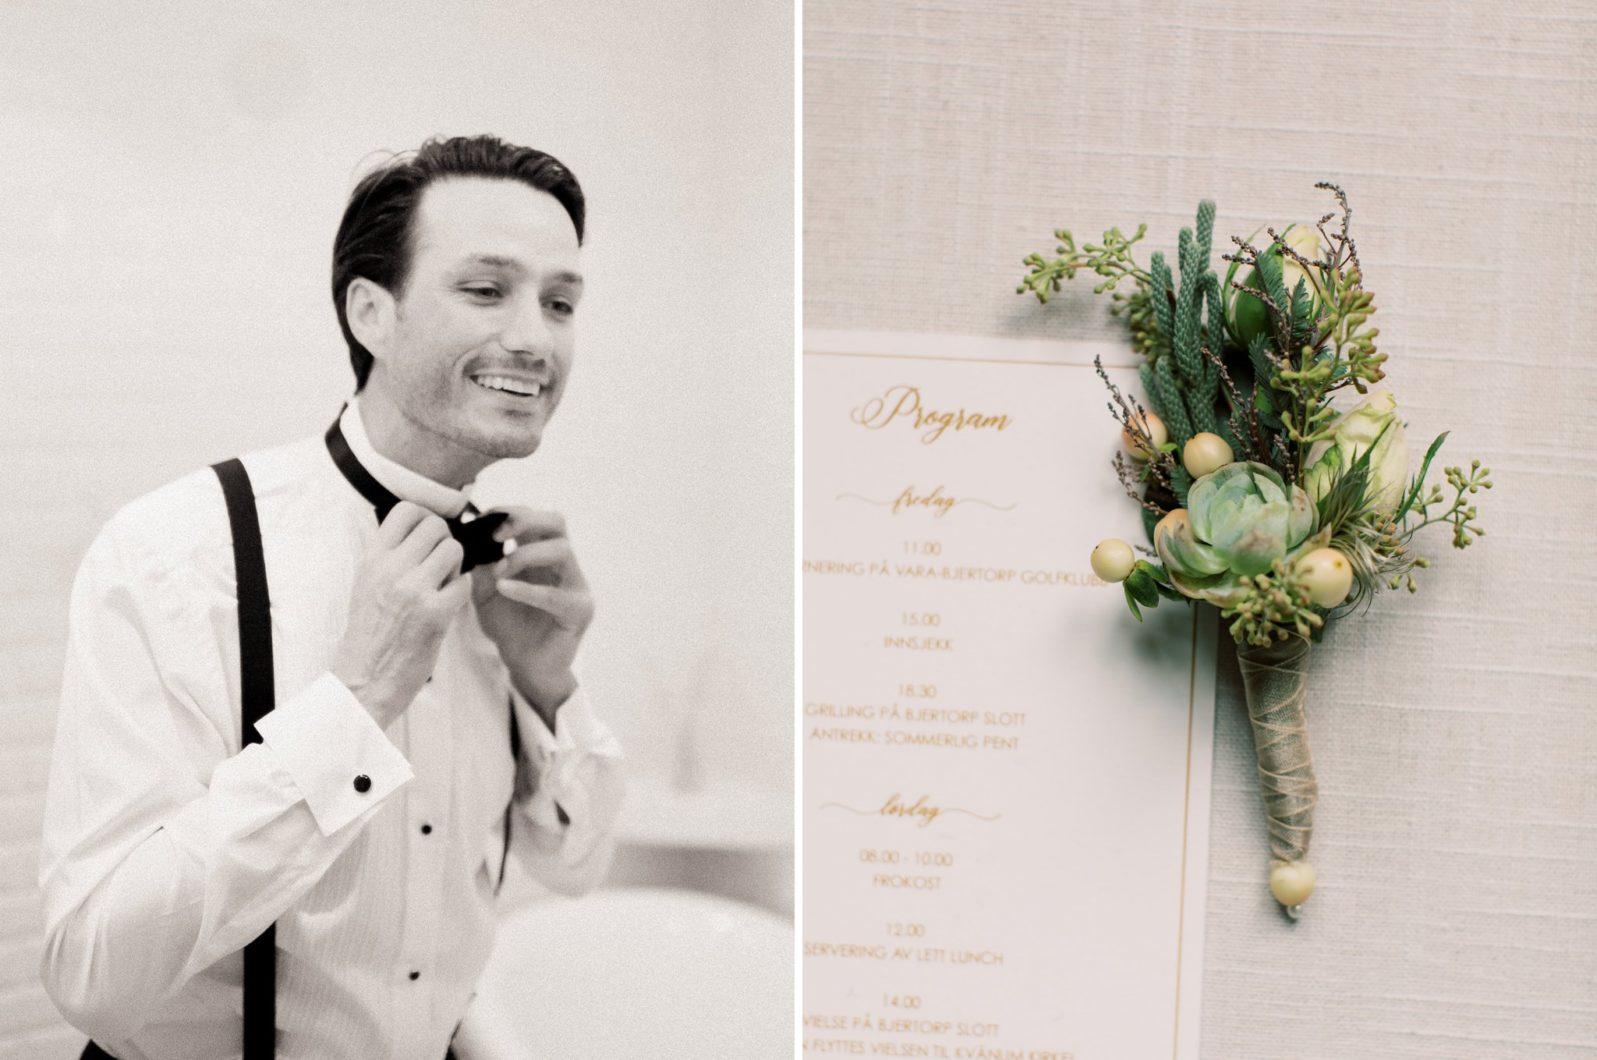 Eline-Jacobine-Photography-Bjertorp-slott-bryllup-fotograf-Kvenum-kirke-mansion-wedding-Sweden-Sverige-bryllup_0005